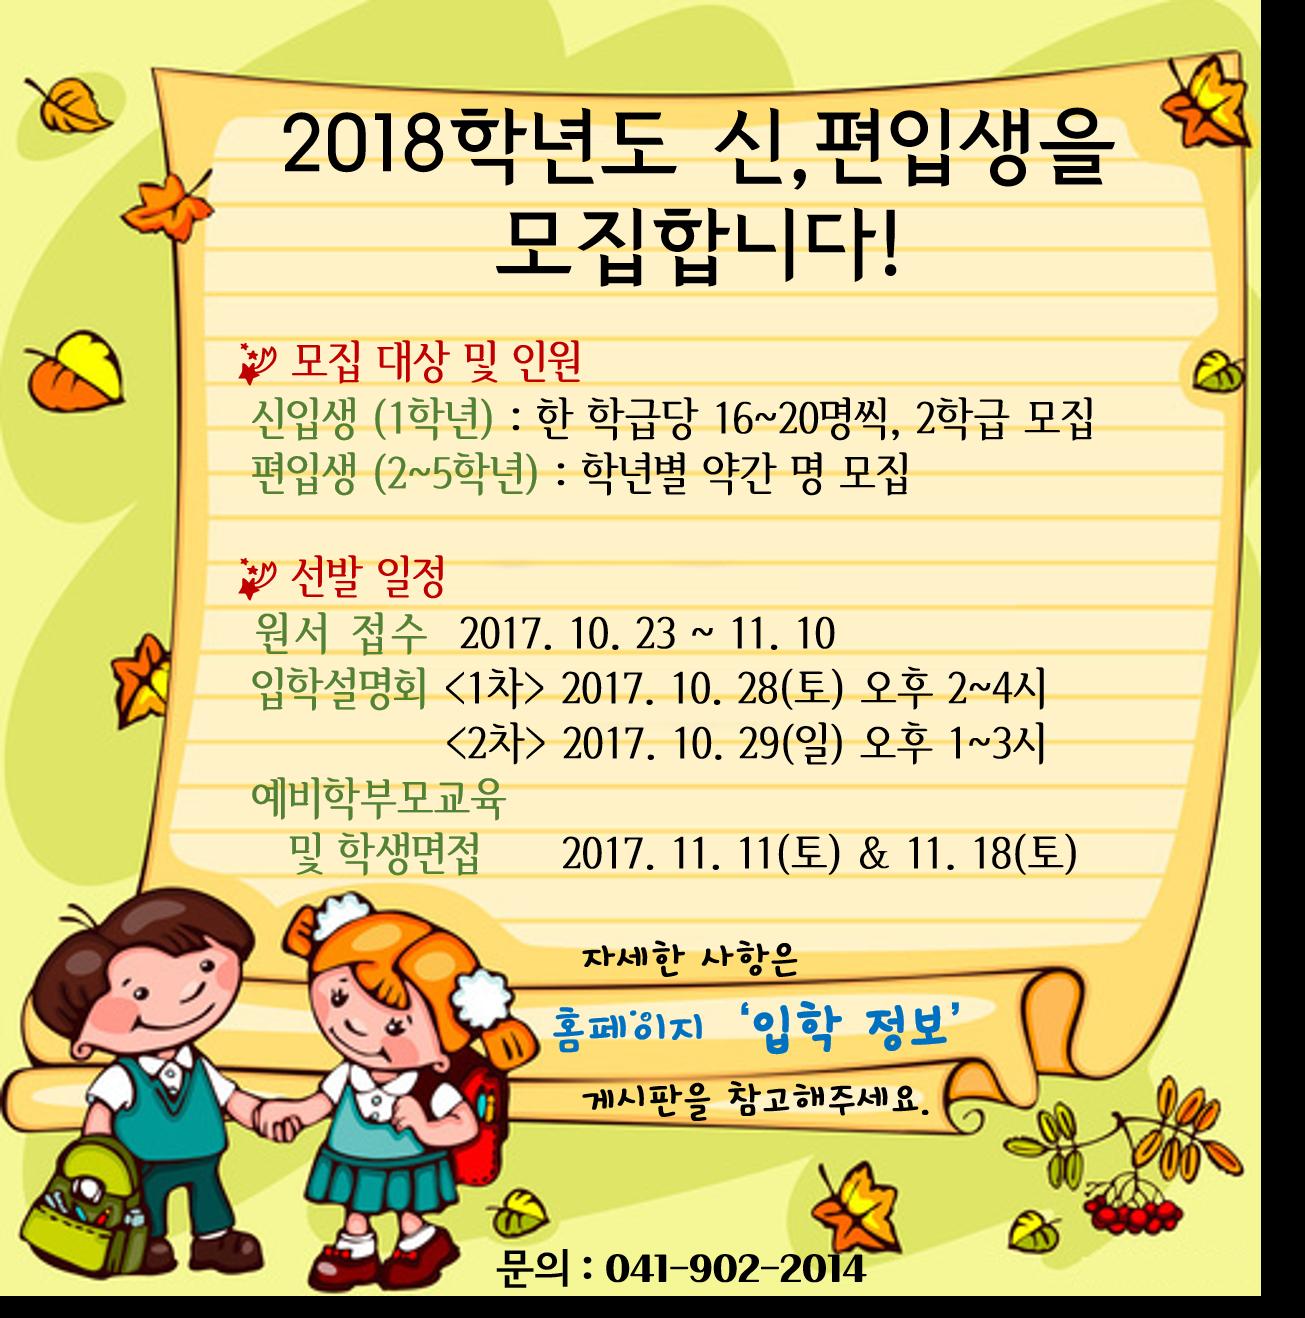 2018학년도 신,편입생 모집 배너2.png